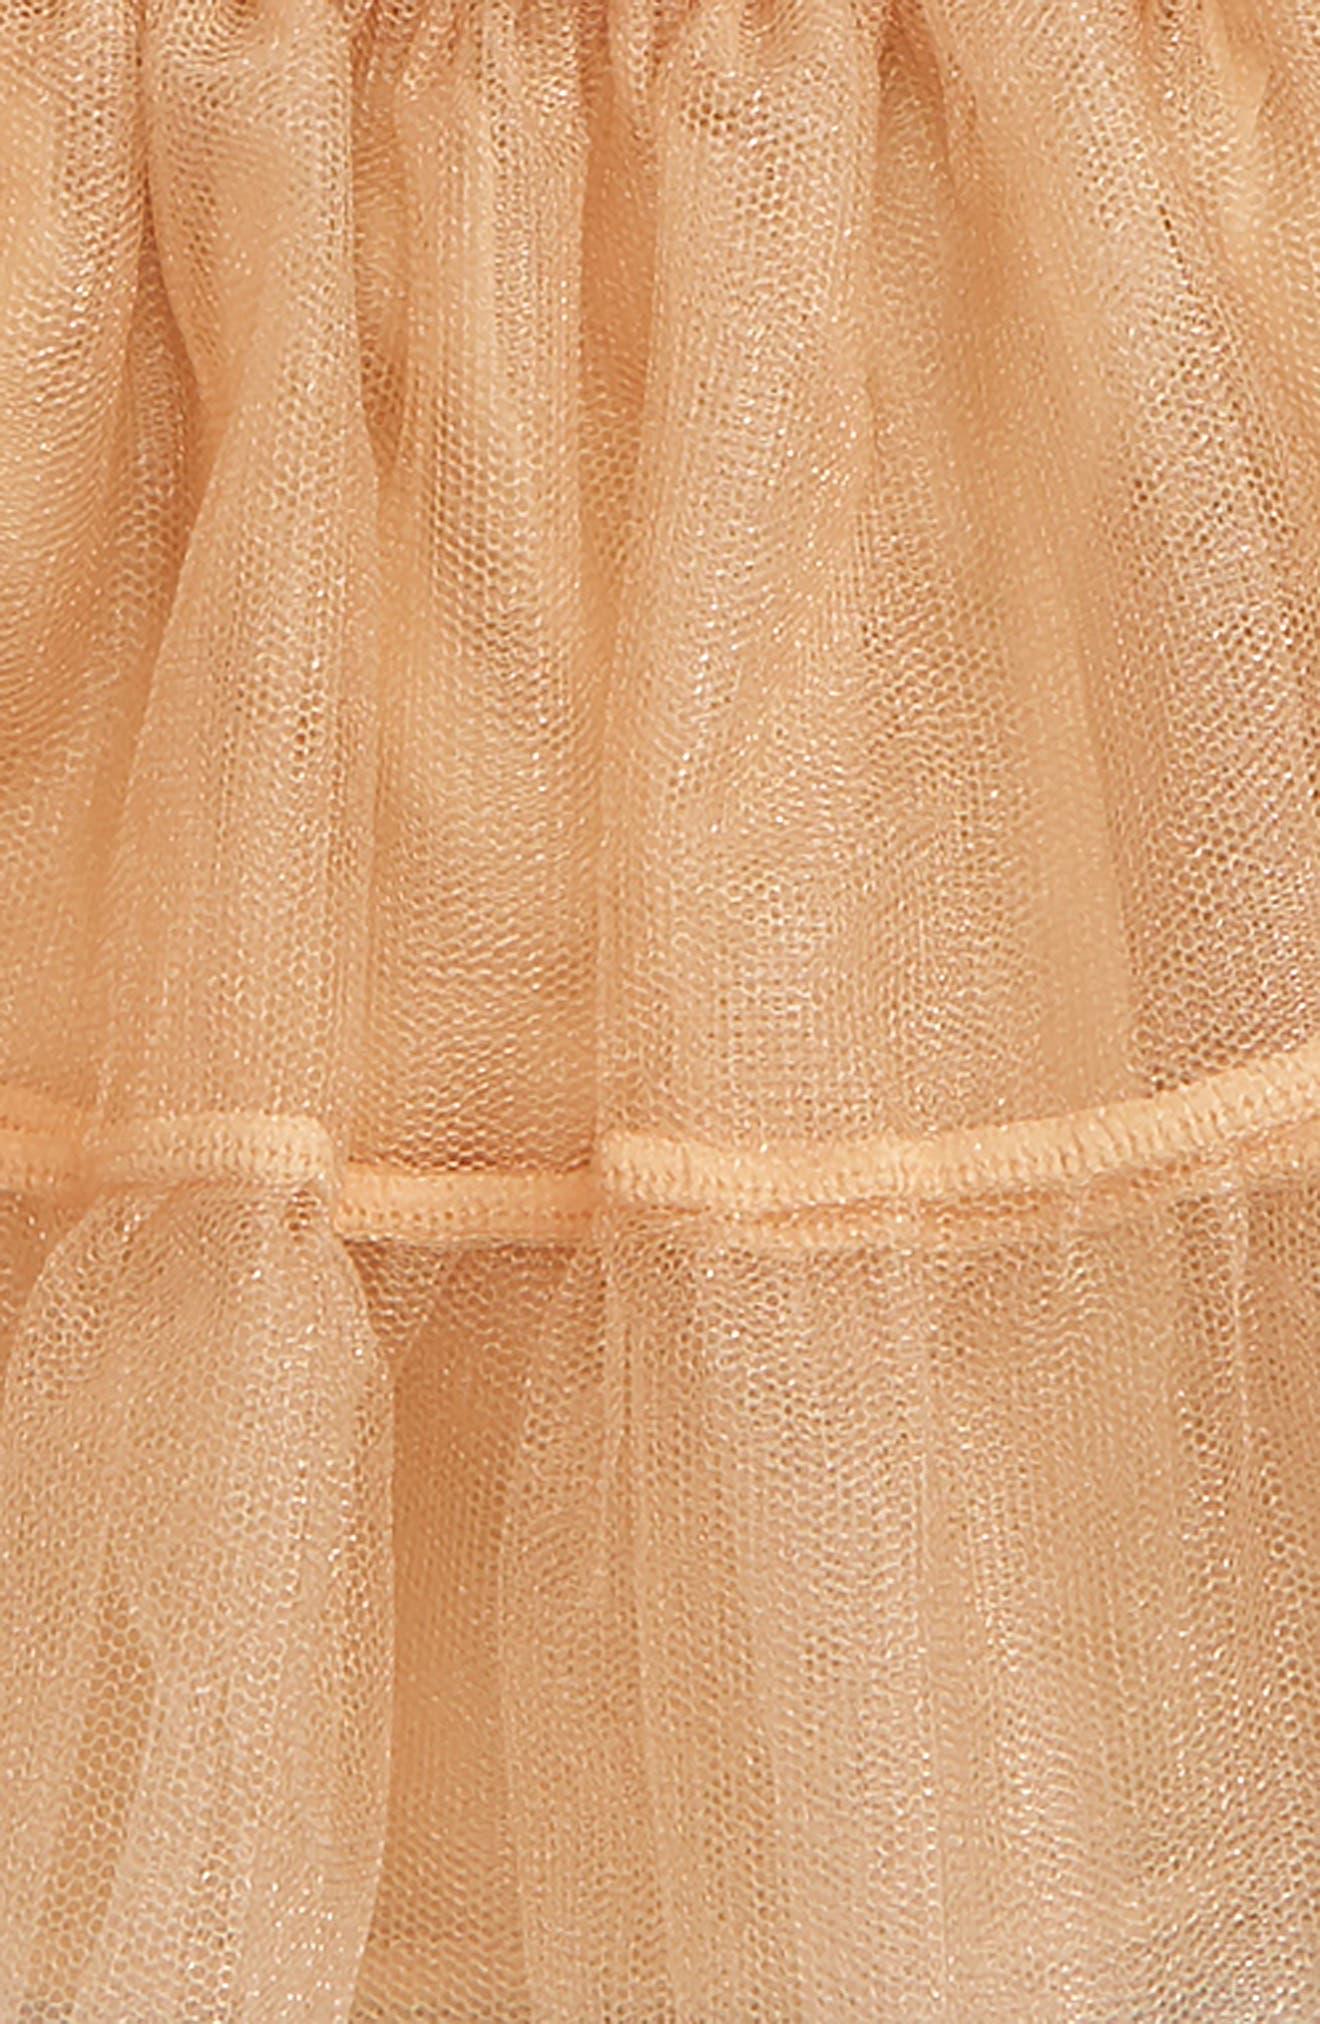 RUBY & BLOOM, Ballerina Velvet Bodysuit & Tulle Skirt Set, Alternate thumbnail 2, color, 680